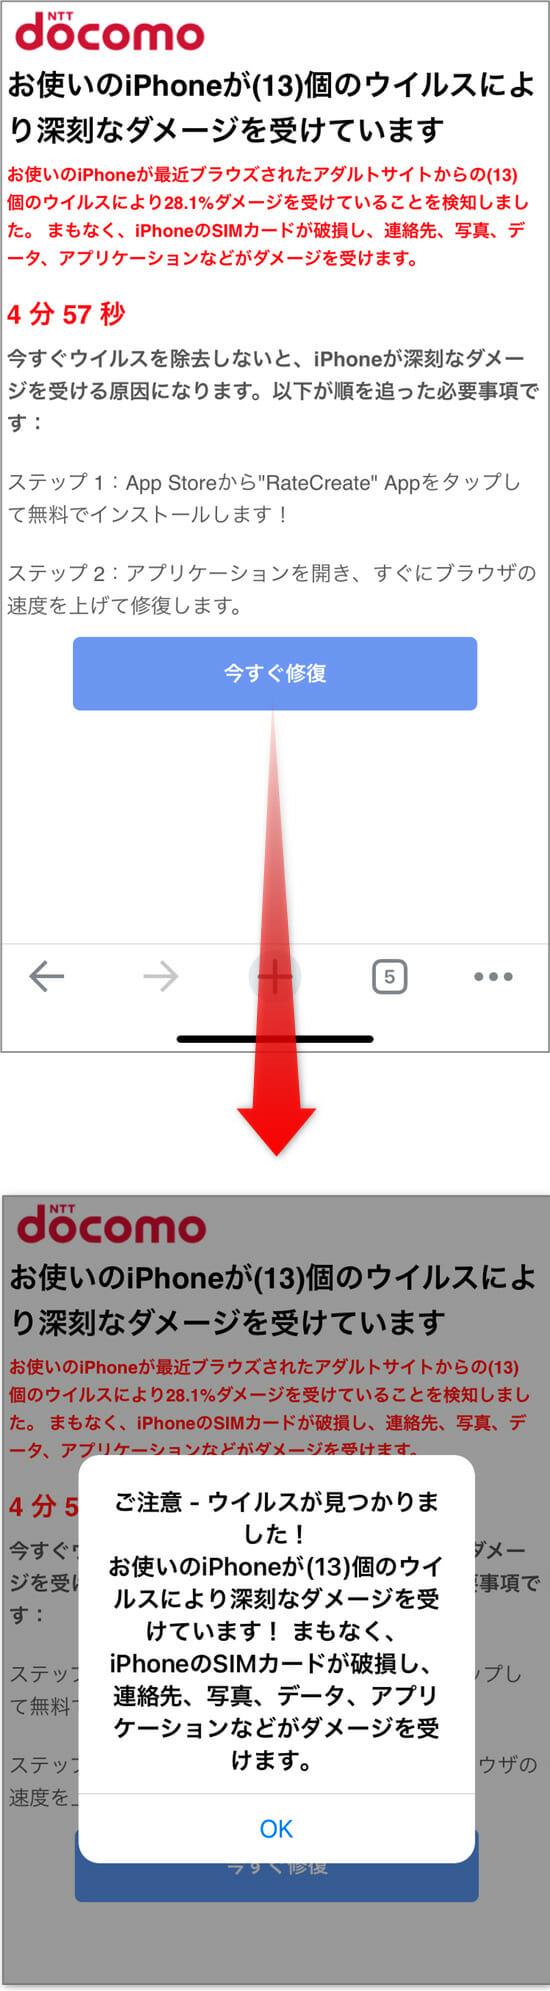 """iPhoneの偽警告「お使いのiPhone が (13) 個のウイルスにより深刻なダメージを受けています お使いのiPhoneが最近ブラウズされたアダルトサイトからの(13)個のウイルスにより 28.1%ダメージを受けていることを検知しました。まもなく、iPhoneのSIMカードが破損し、連絡先、写真、デ ータ、アプリケーションなどがダメージを受けます。 今すぐウイルスを除去しないと、iPhoneが深刻なダメージを受ける原因になります。以下が順を追った必要事項で す: ステップ1:App Storeから""""Rate Create""""Appをタップして無料でインストールします! ステップ2:アプリケーションを開き、すぐにブラウザの 速度を上げて修復します。 今すぐ修復」"""